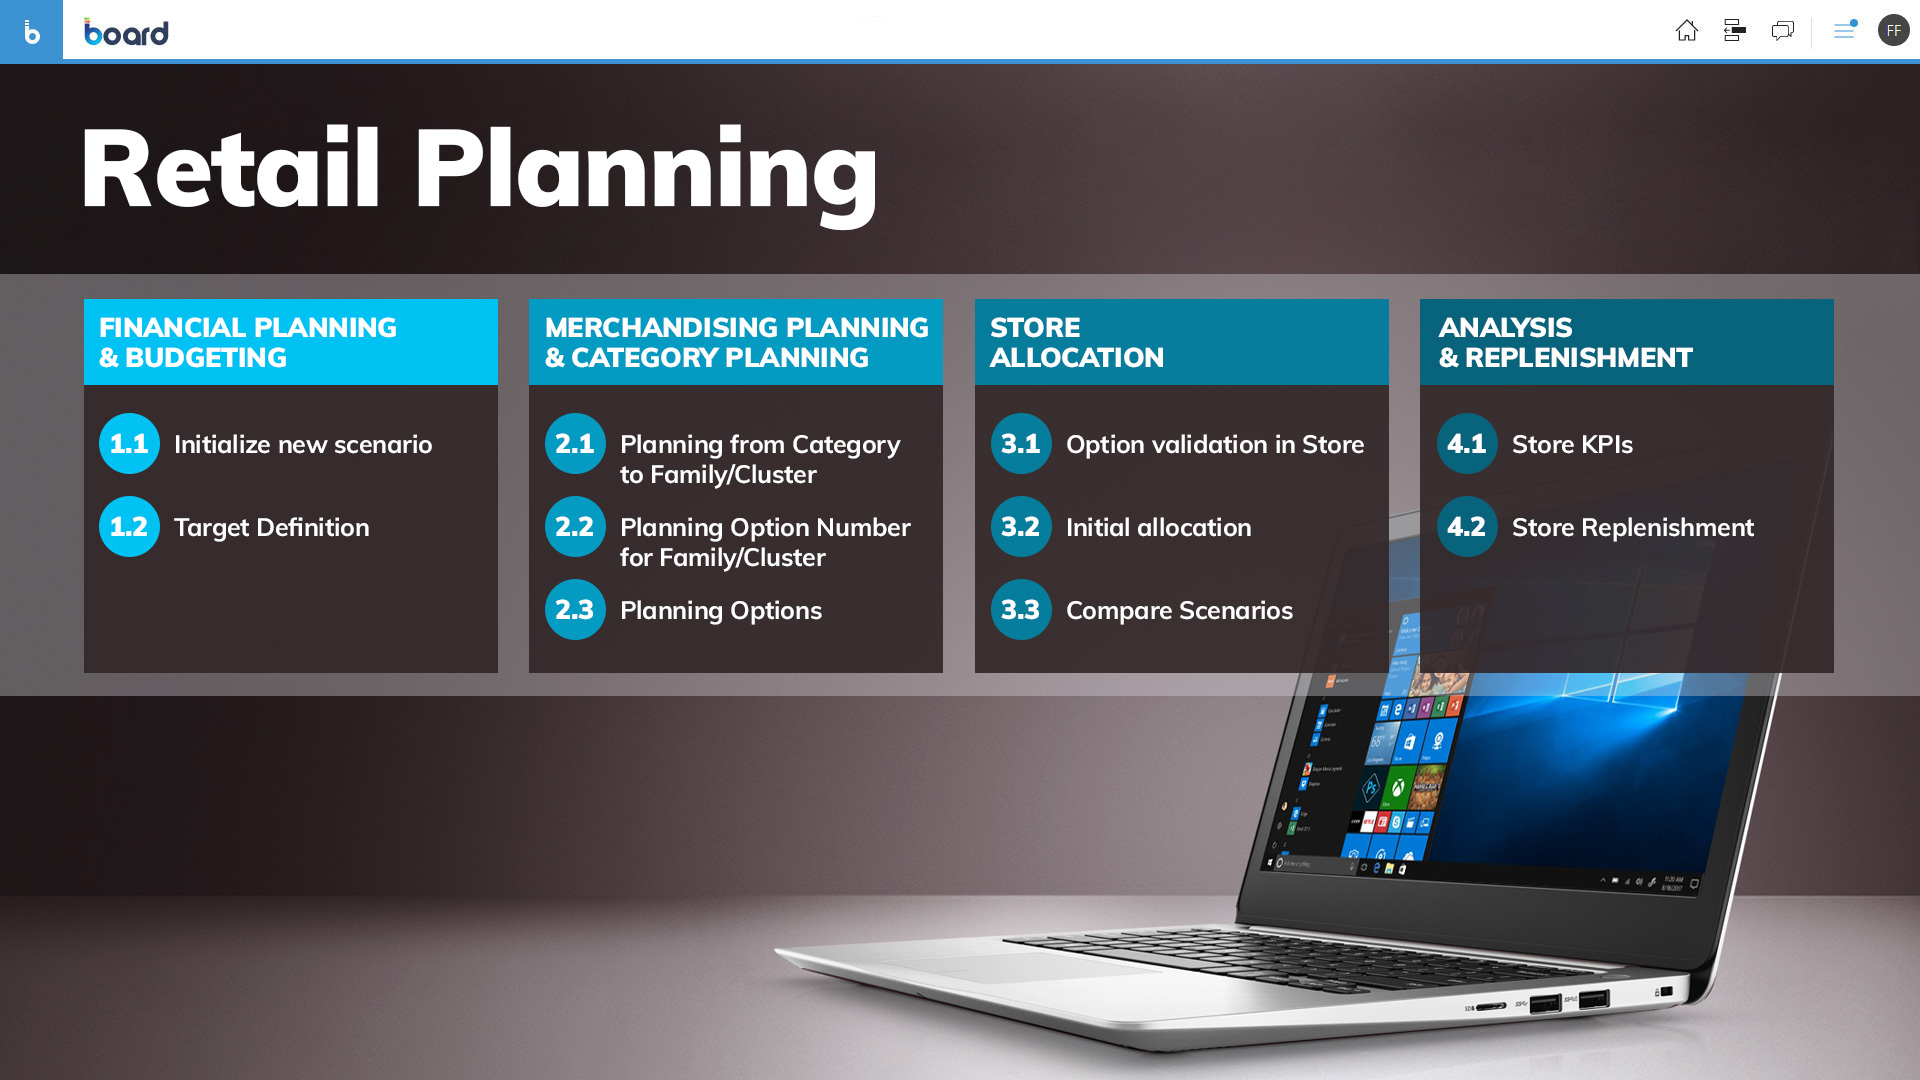 Étapes complètes du processus de planification du Retail